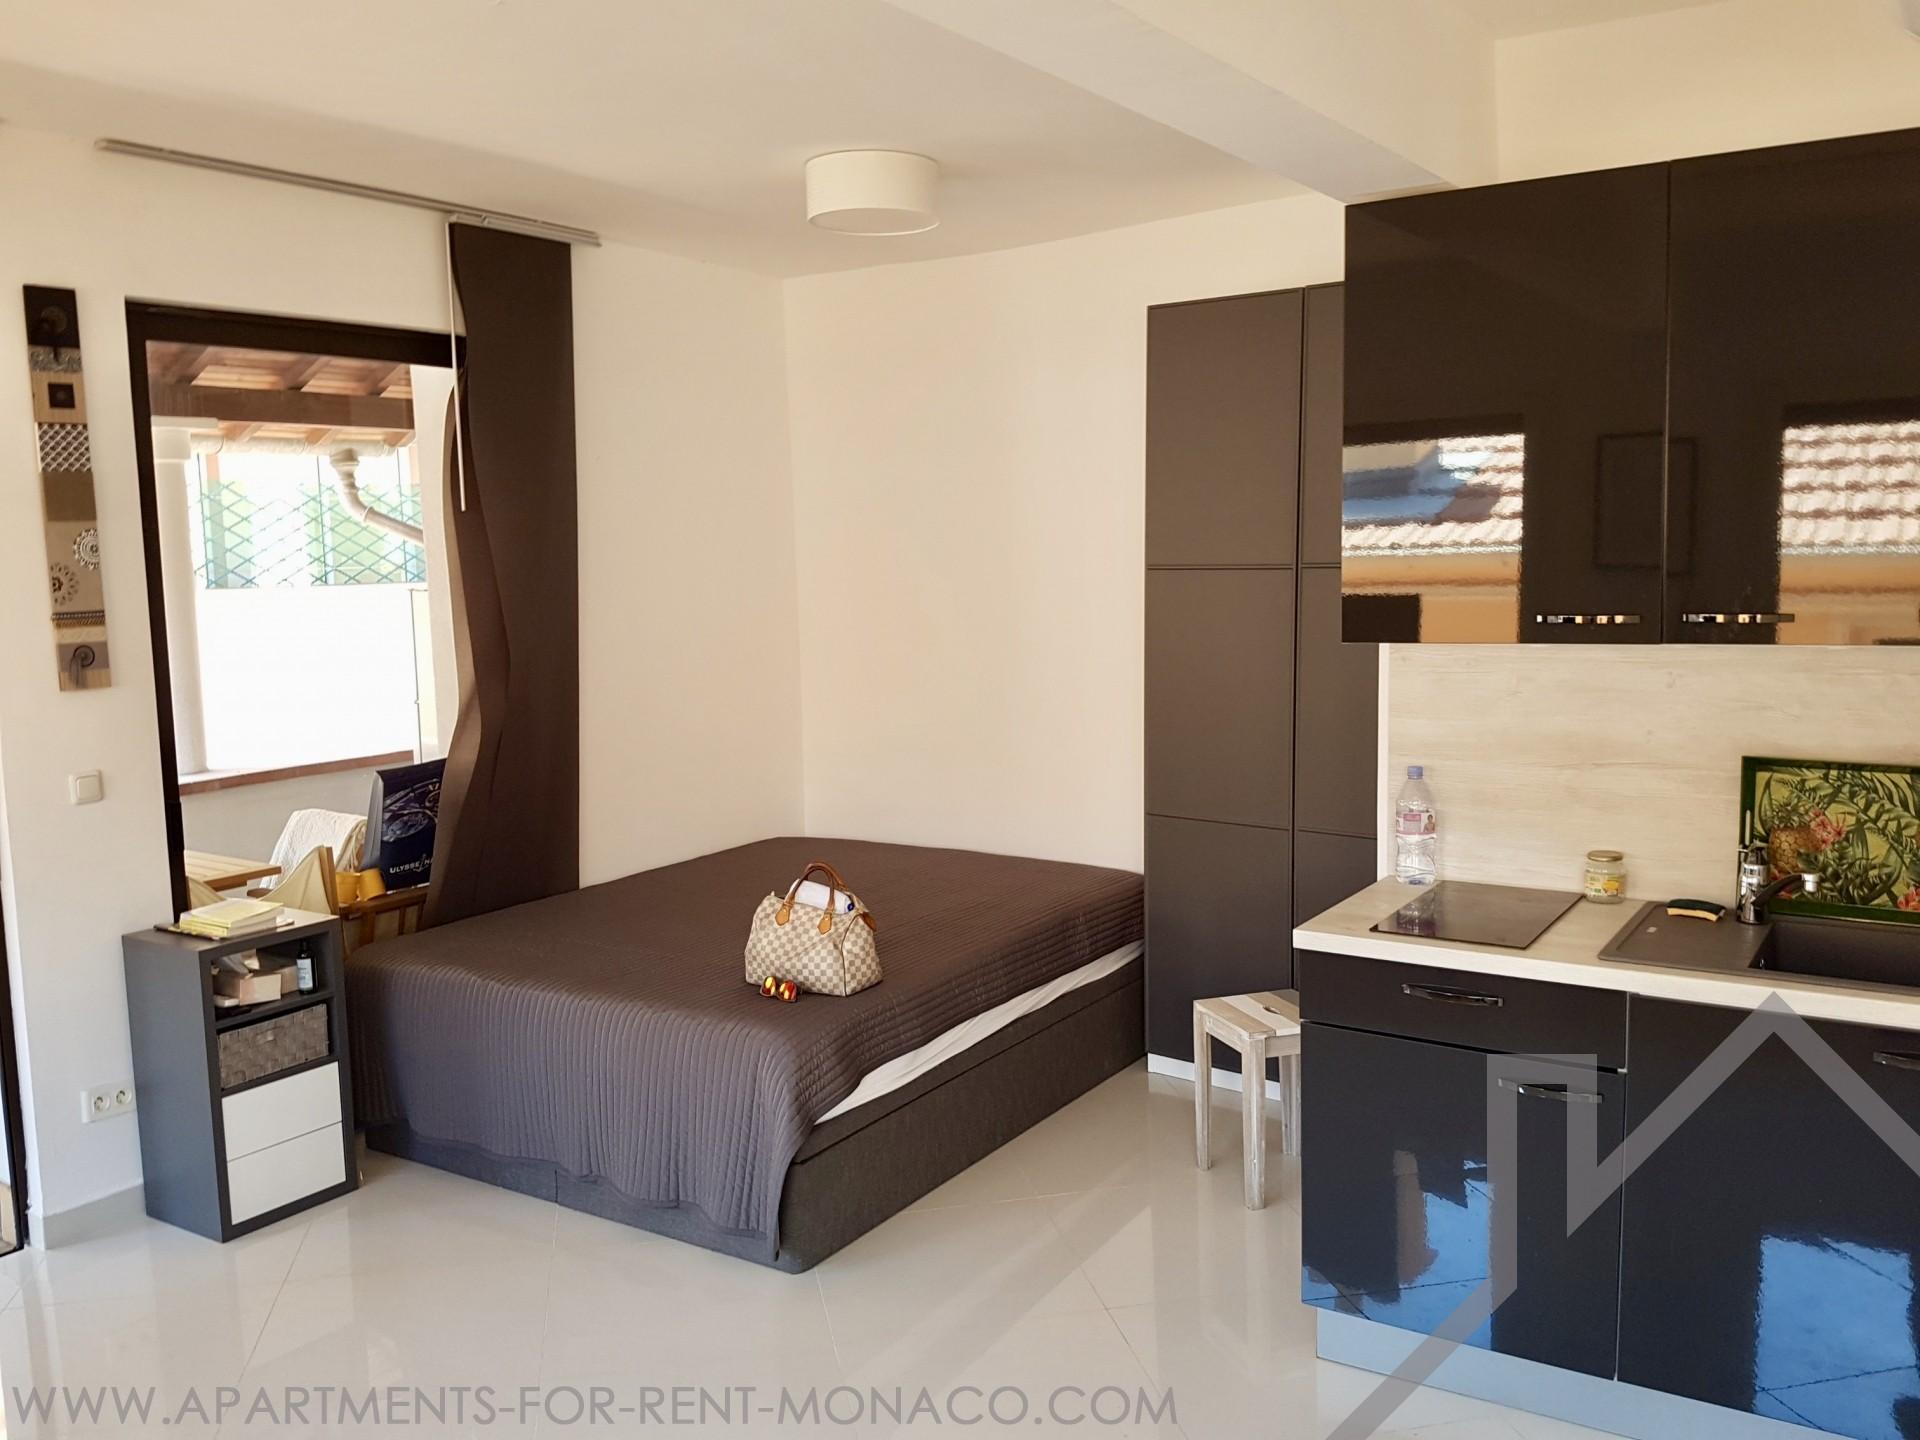 Monaco ville monolocale con tetto a terrazza for Prezzi case montecarlo